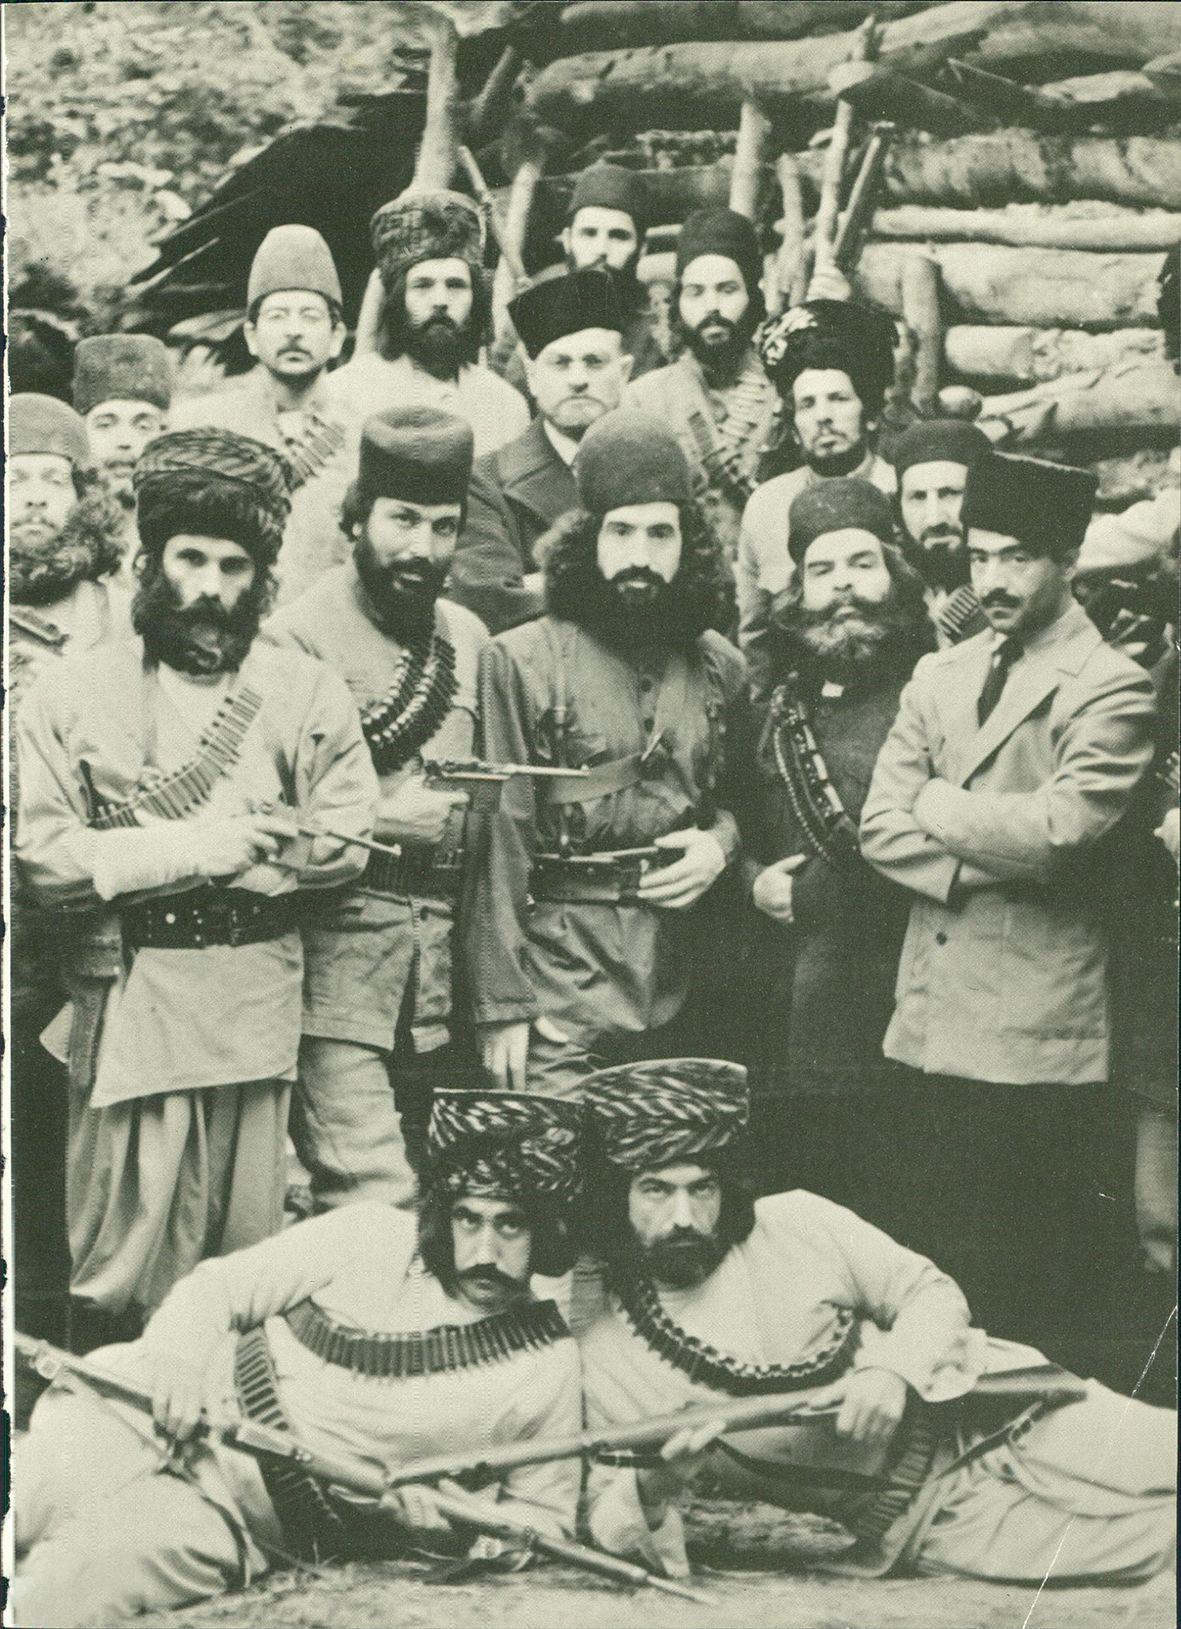 Enayat Bakhshi, Rouhollah Emami, Majid Entezami, Manuchehr Esmaili, Sami Tahasuni, Bahman Zarrinpour, Shahruz Ramtin, Ali Sabet, Kazem Afrandnia, Davoud Mavasaghi, Ali Sadeghi, Iraj Safdari, Valiollah Momeni, Shahrooz Malek Arayi, Khosro Amir Sadeghi, Amir Ghavidel, Hadi Meshkat, Nemat Afsharian, Shahab Askari, Yoosef Azari, and Siroos Ghahremani in Sardar-e jangal (1983)